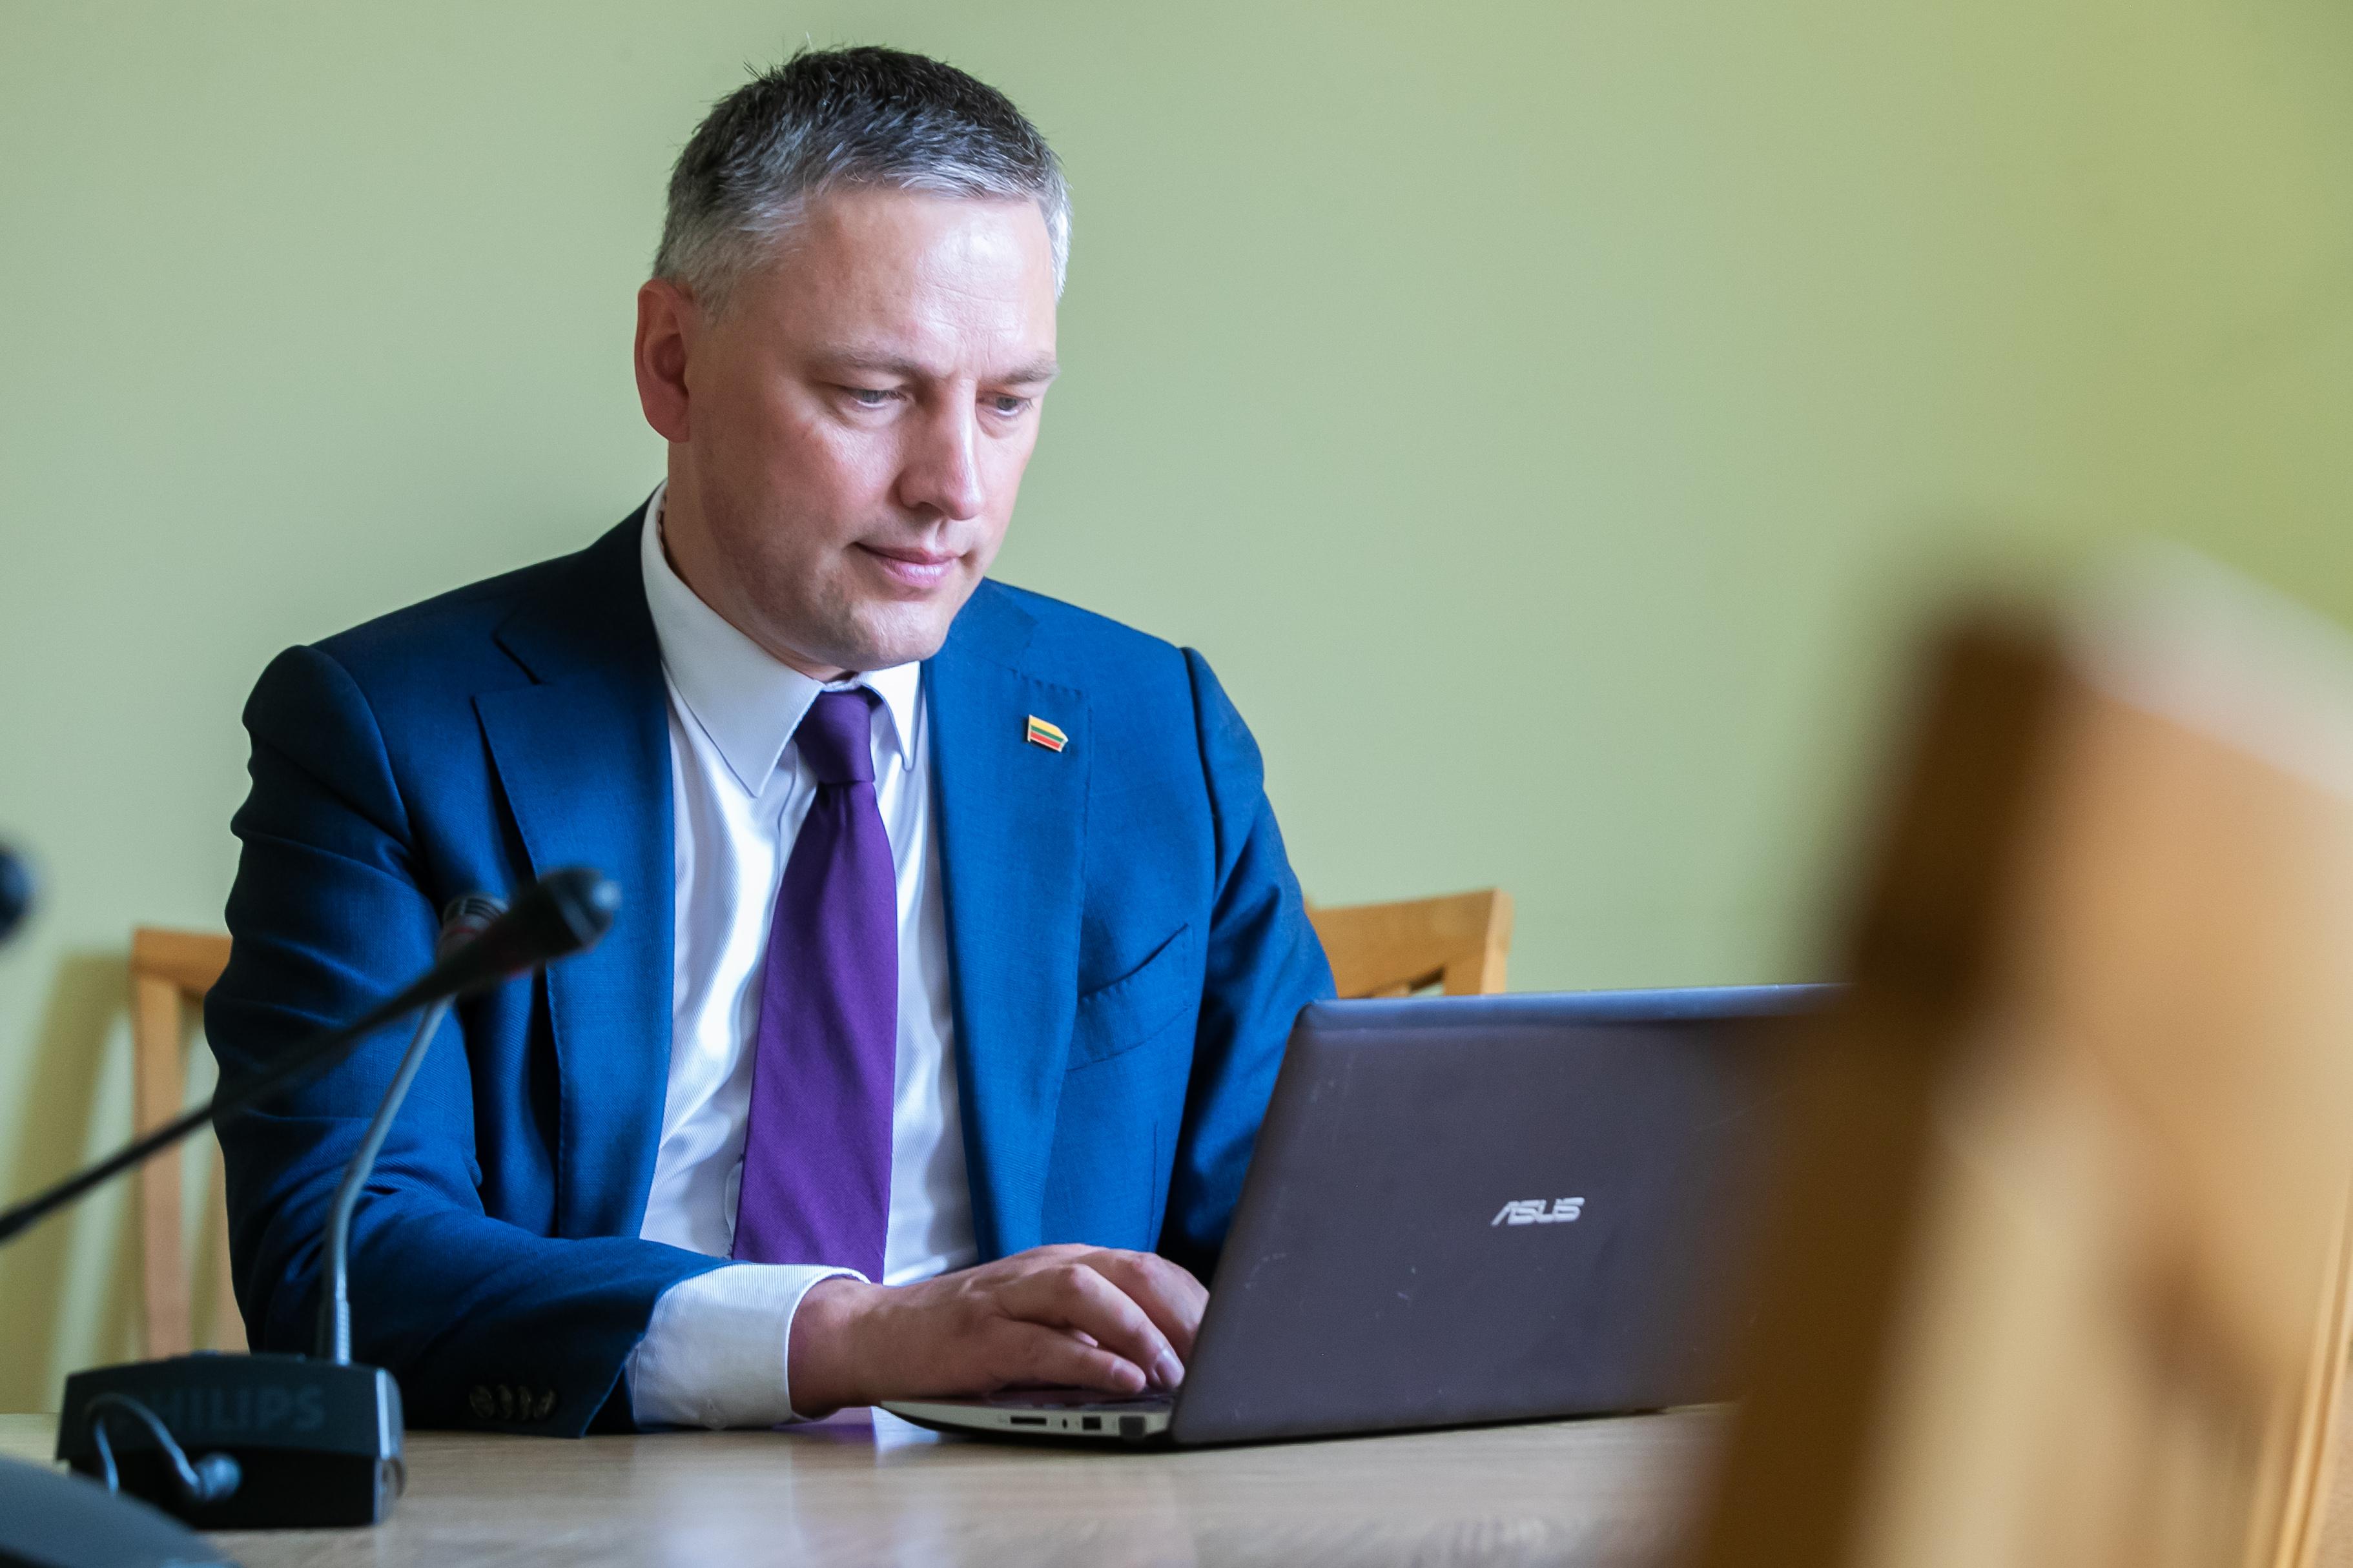 Vytauto Bako klausimai kandidatui į Aukščiausiojo Teismo teisėjus Algimantui Valantinui